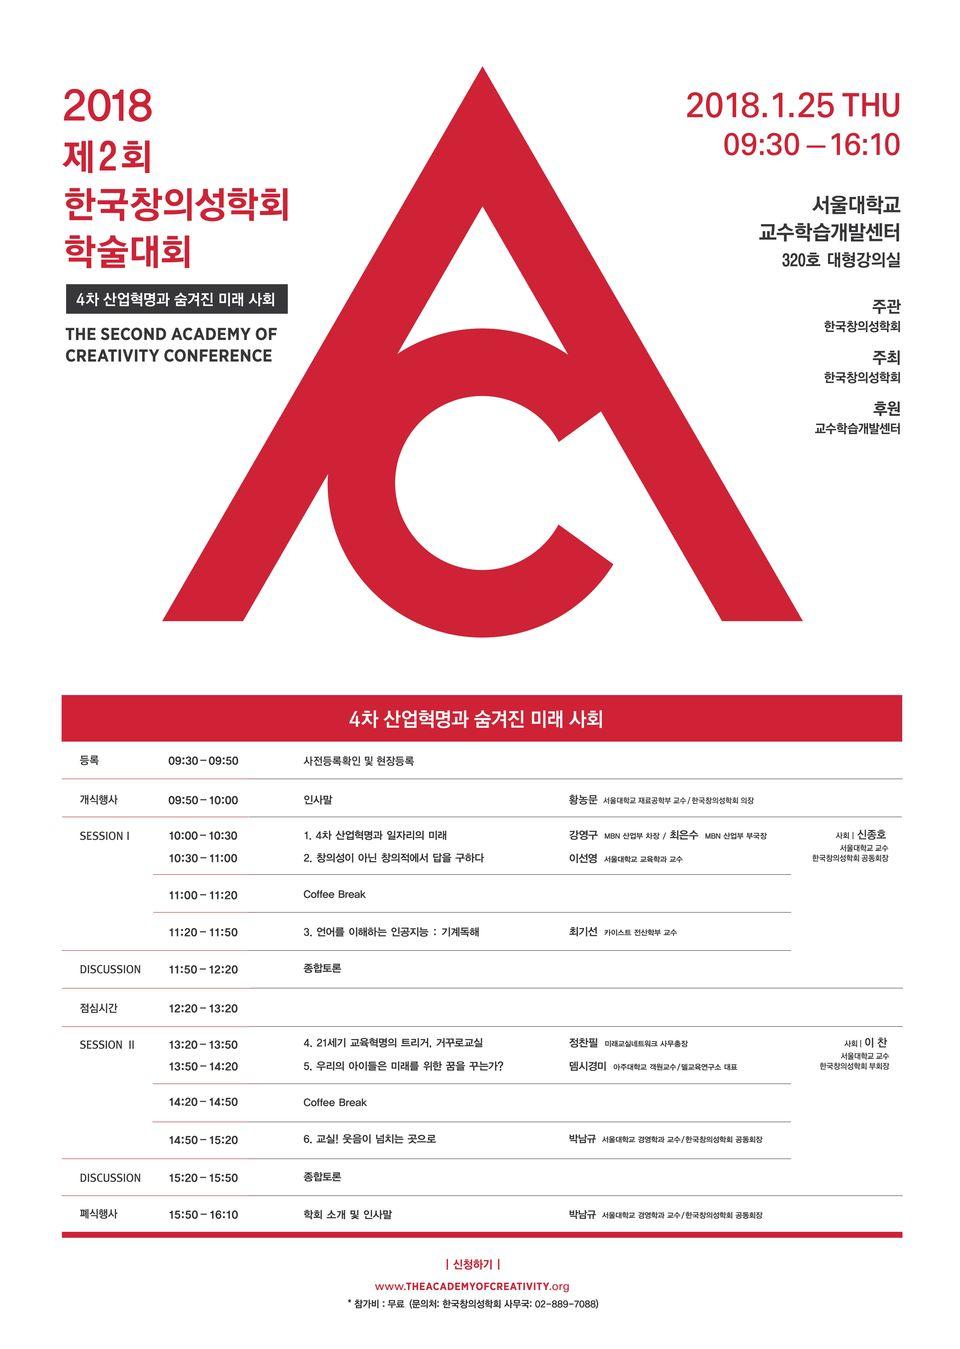 제2회 한국창의성학회 학술대회: 4차 산업혁명과 숨겨진 미래 사회